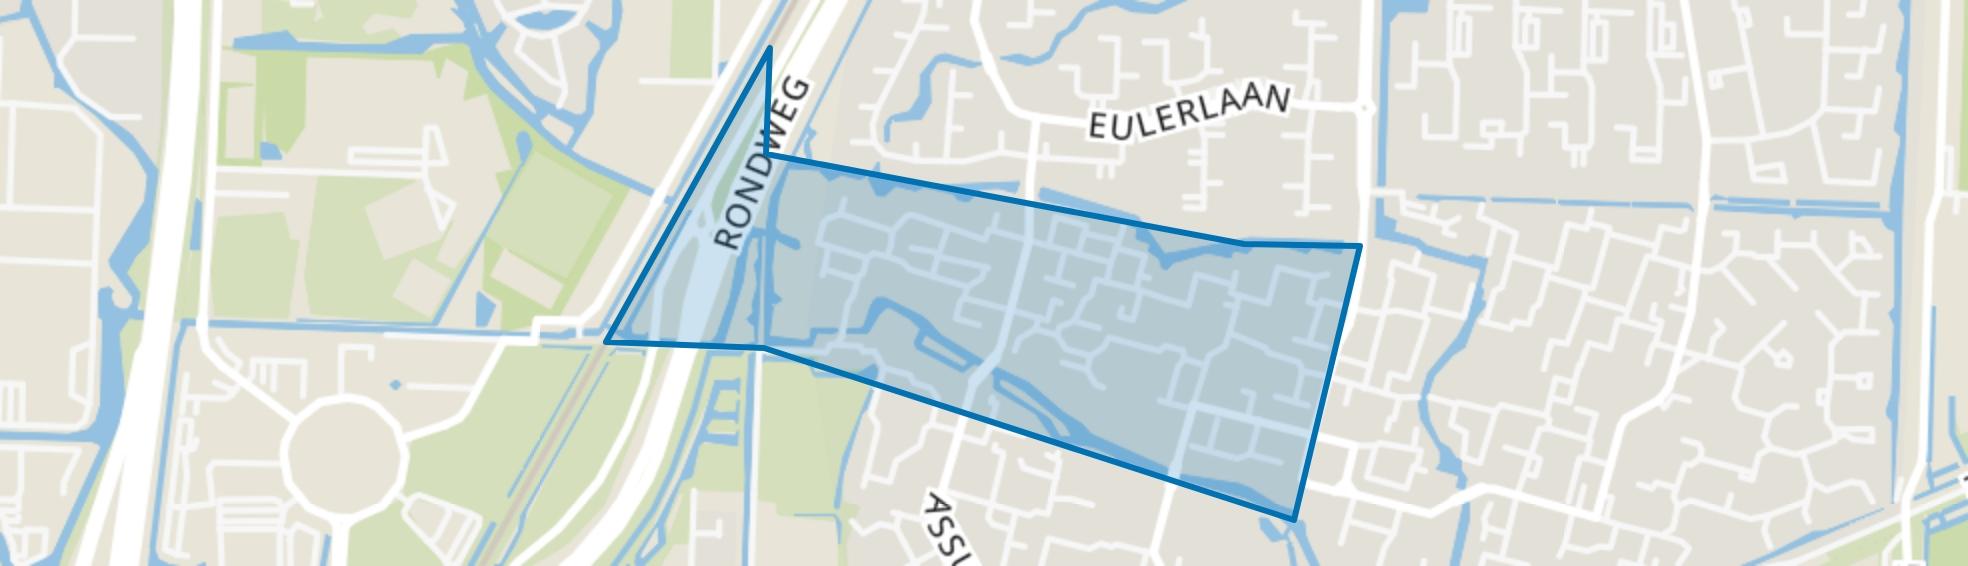 Mildenburg en omgeving, Dordrecht map